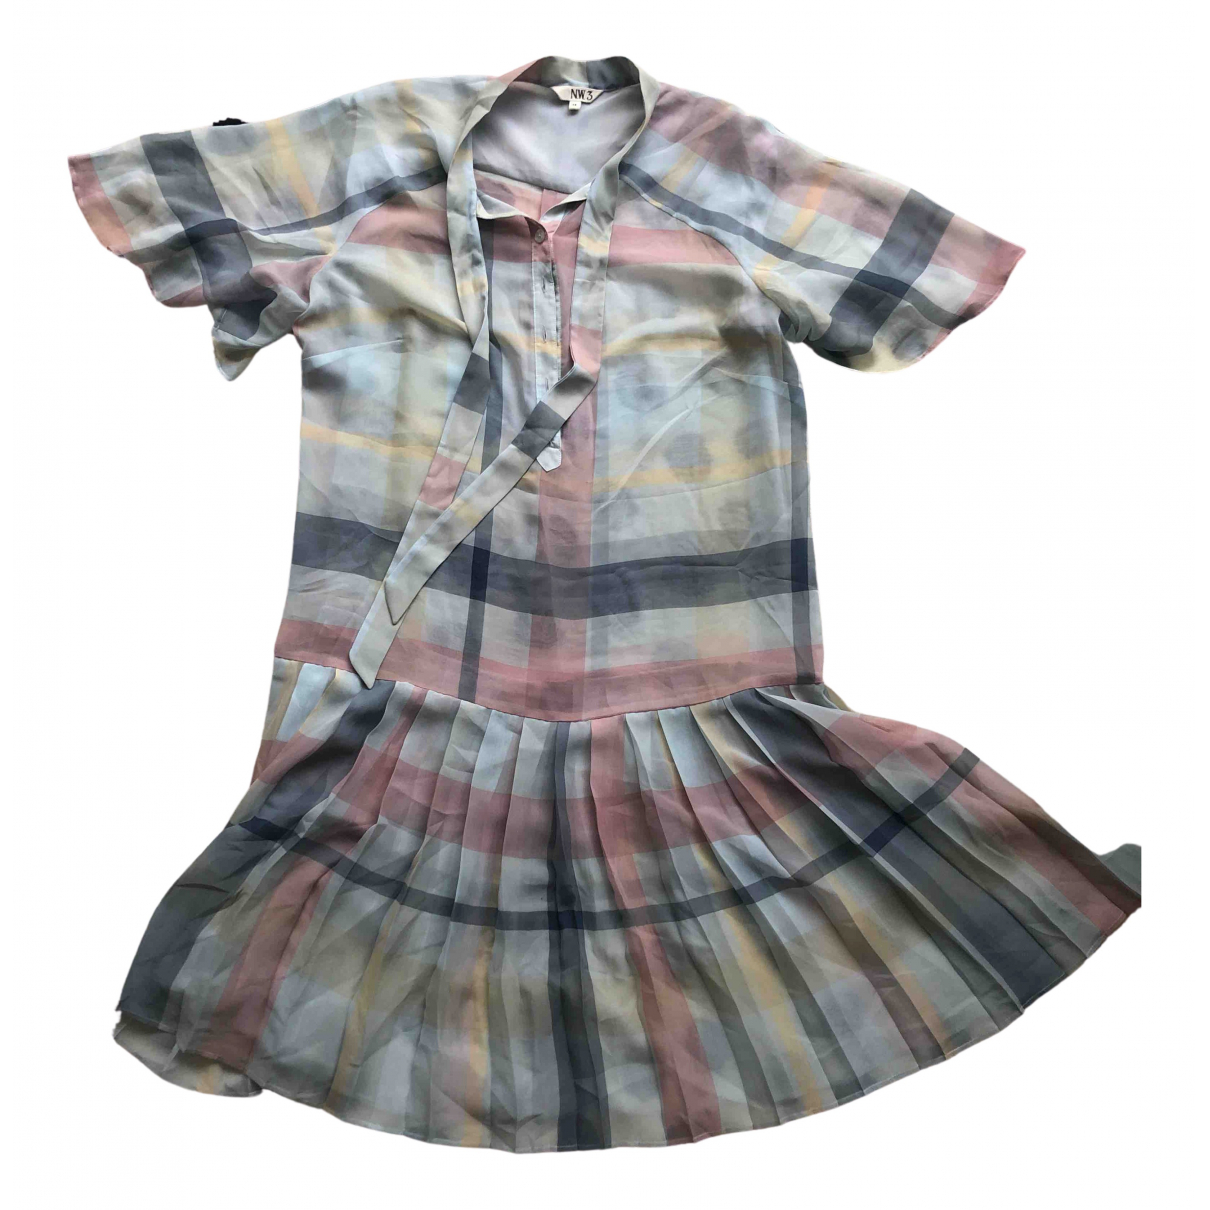 Hobbs N.w.3 \N Kleid in  Blau Polyester